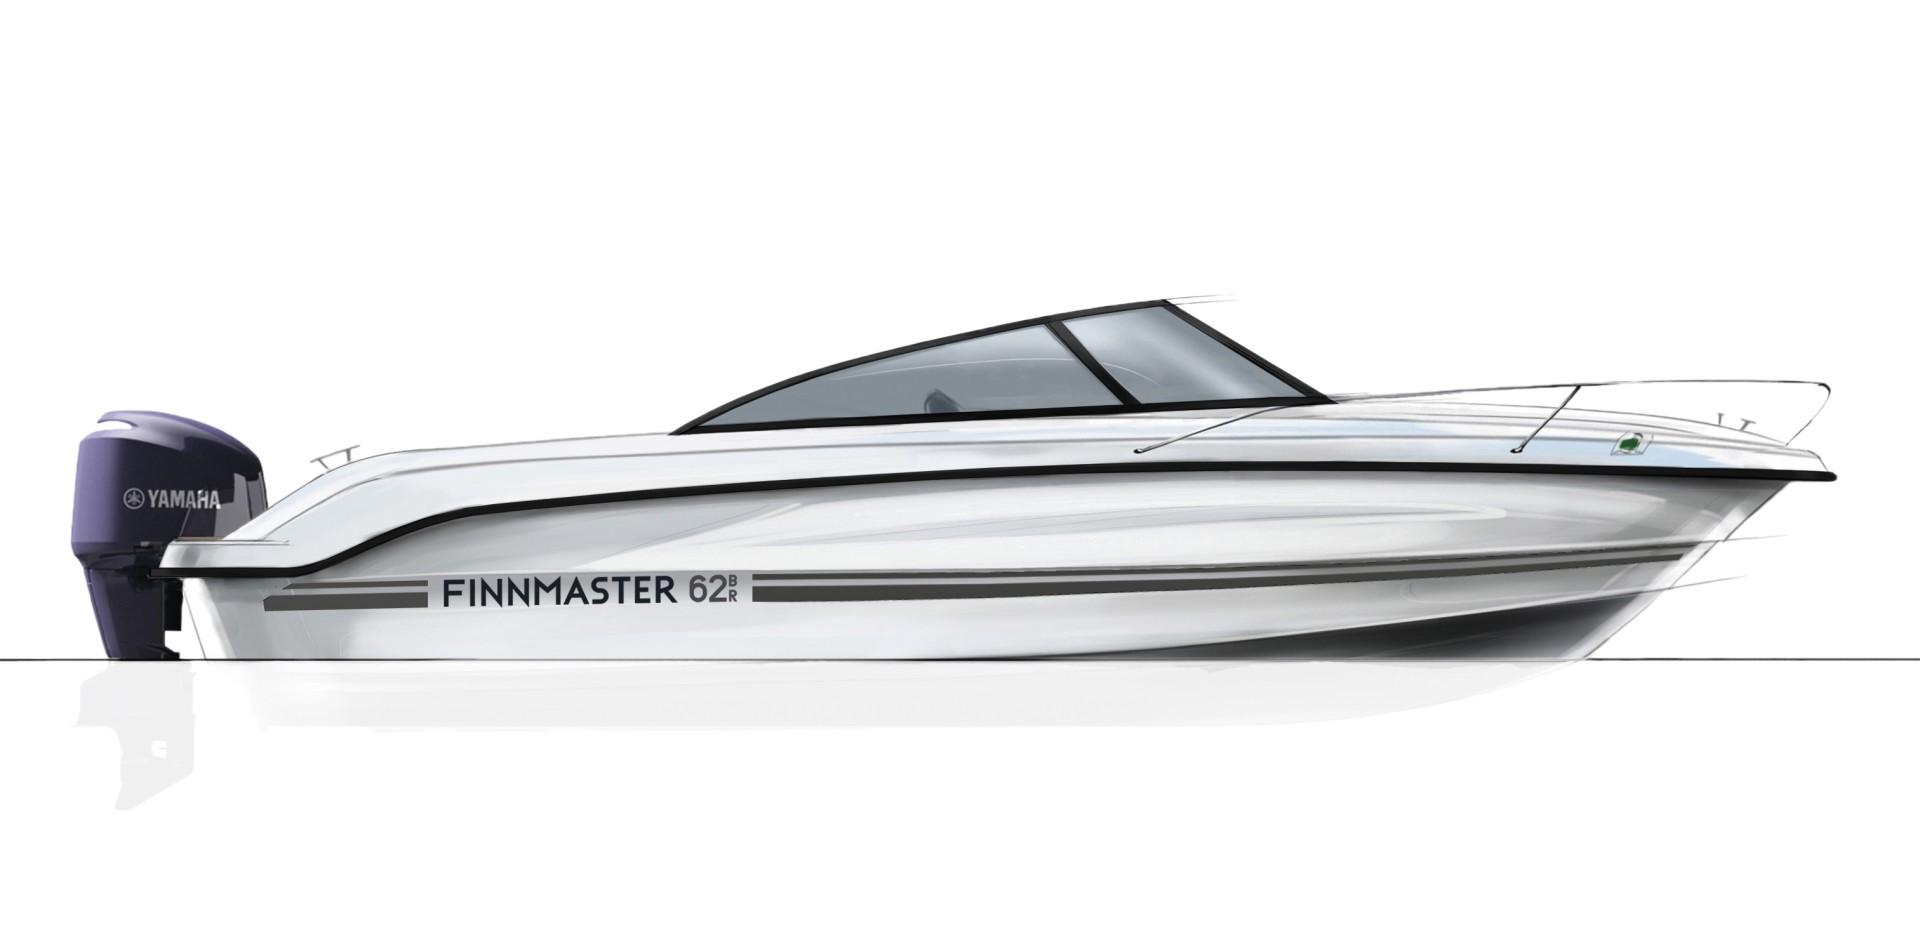 Finnmaster 62 BR